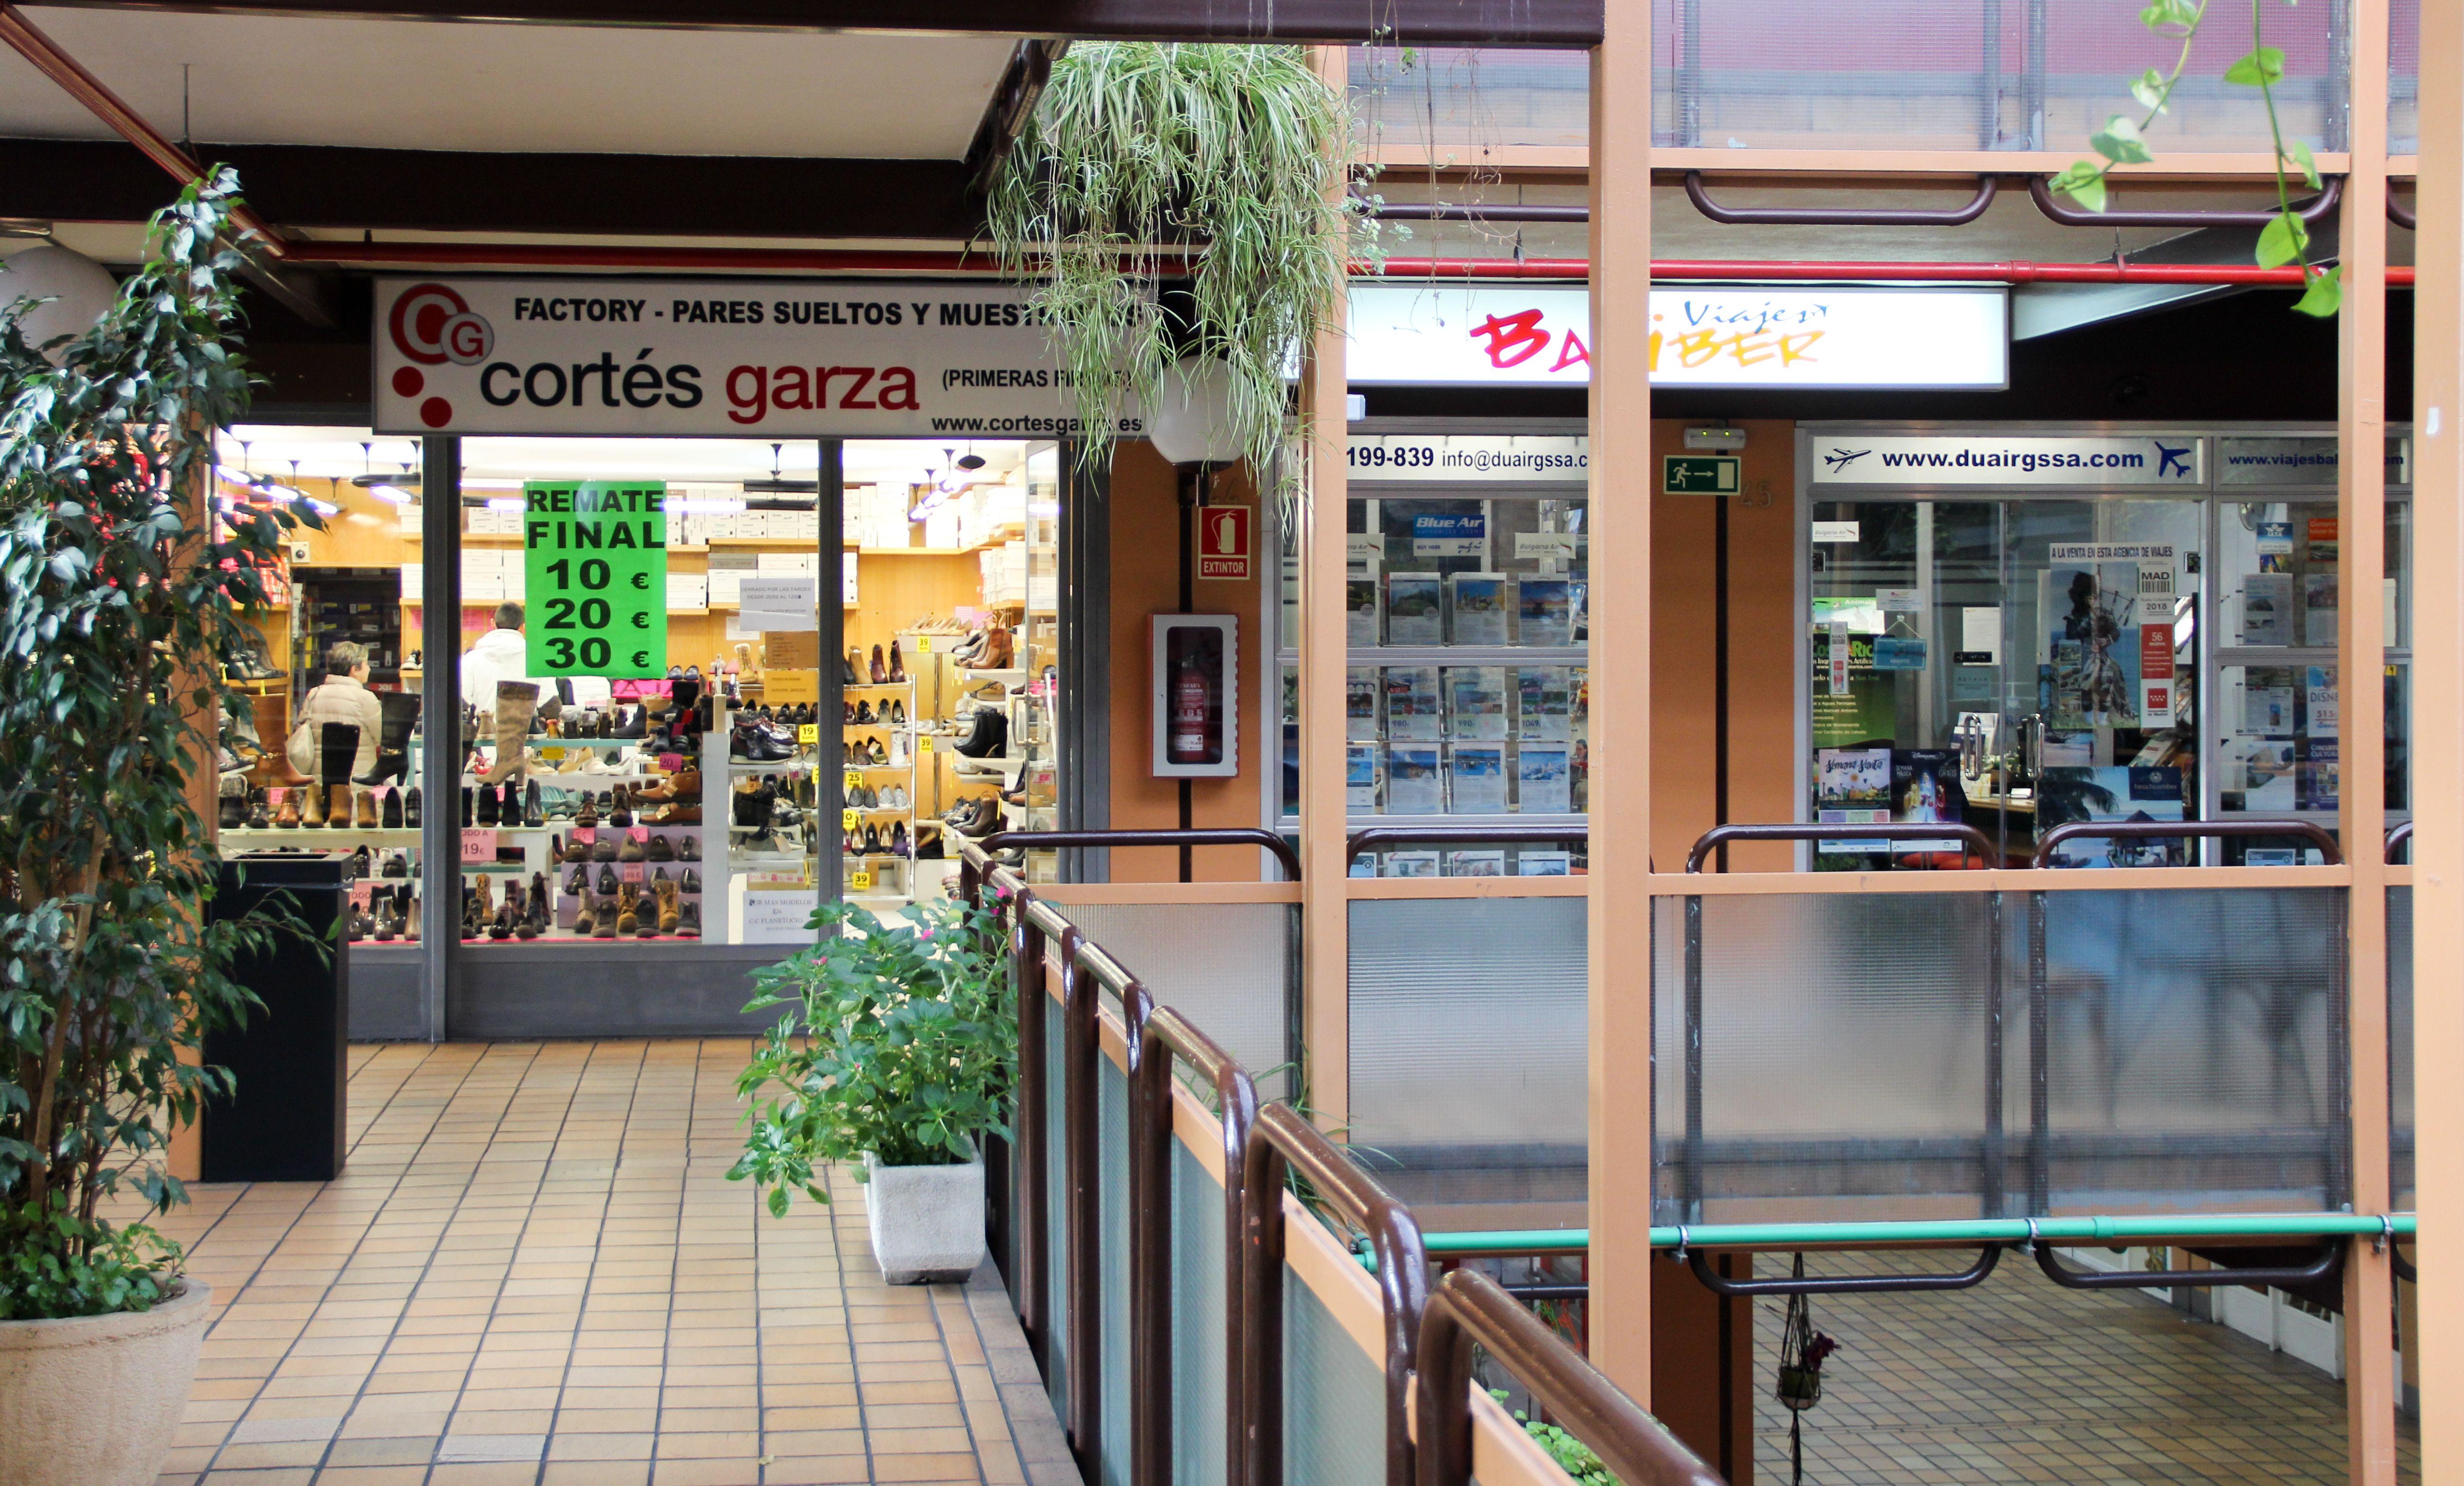 Zapatería y agencia de viajes también encontrarás en el Zoco de Villalba